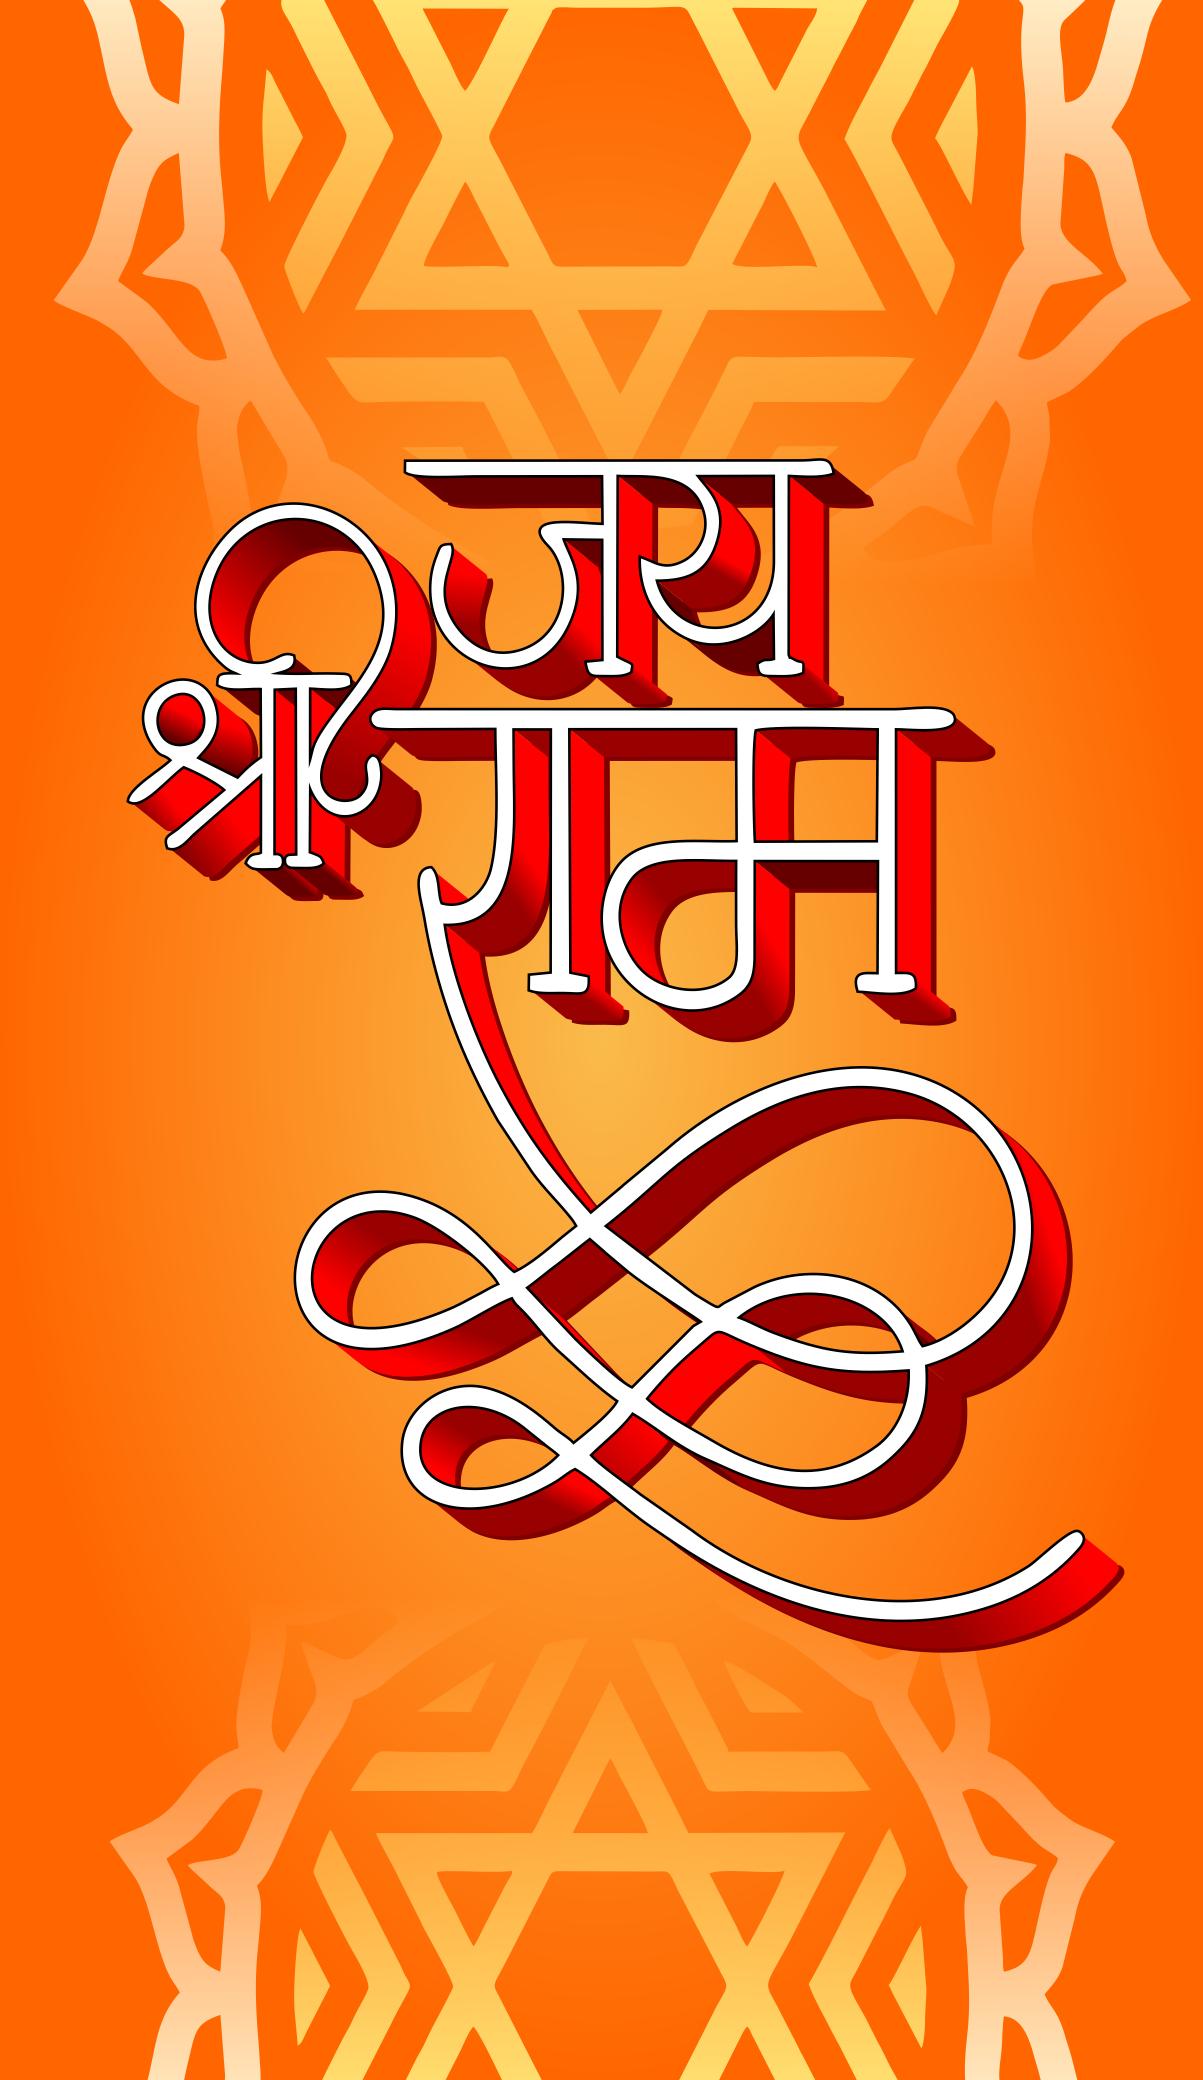 Jai Shri Ram Hindi Mobile Wallpaper In 2020 Mobile Wallpaper Wallpaper Neon Signs